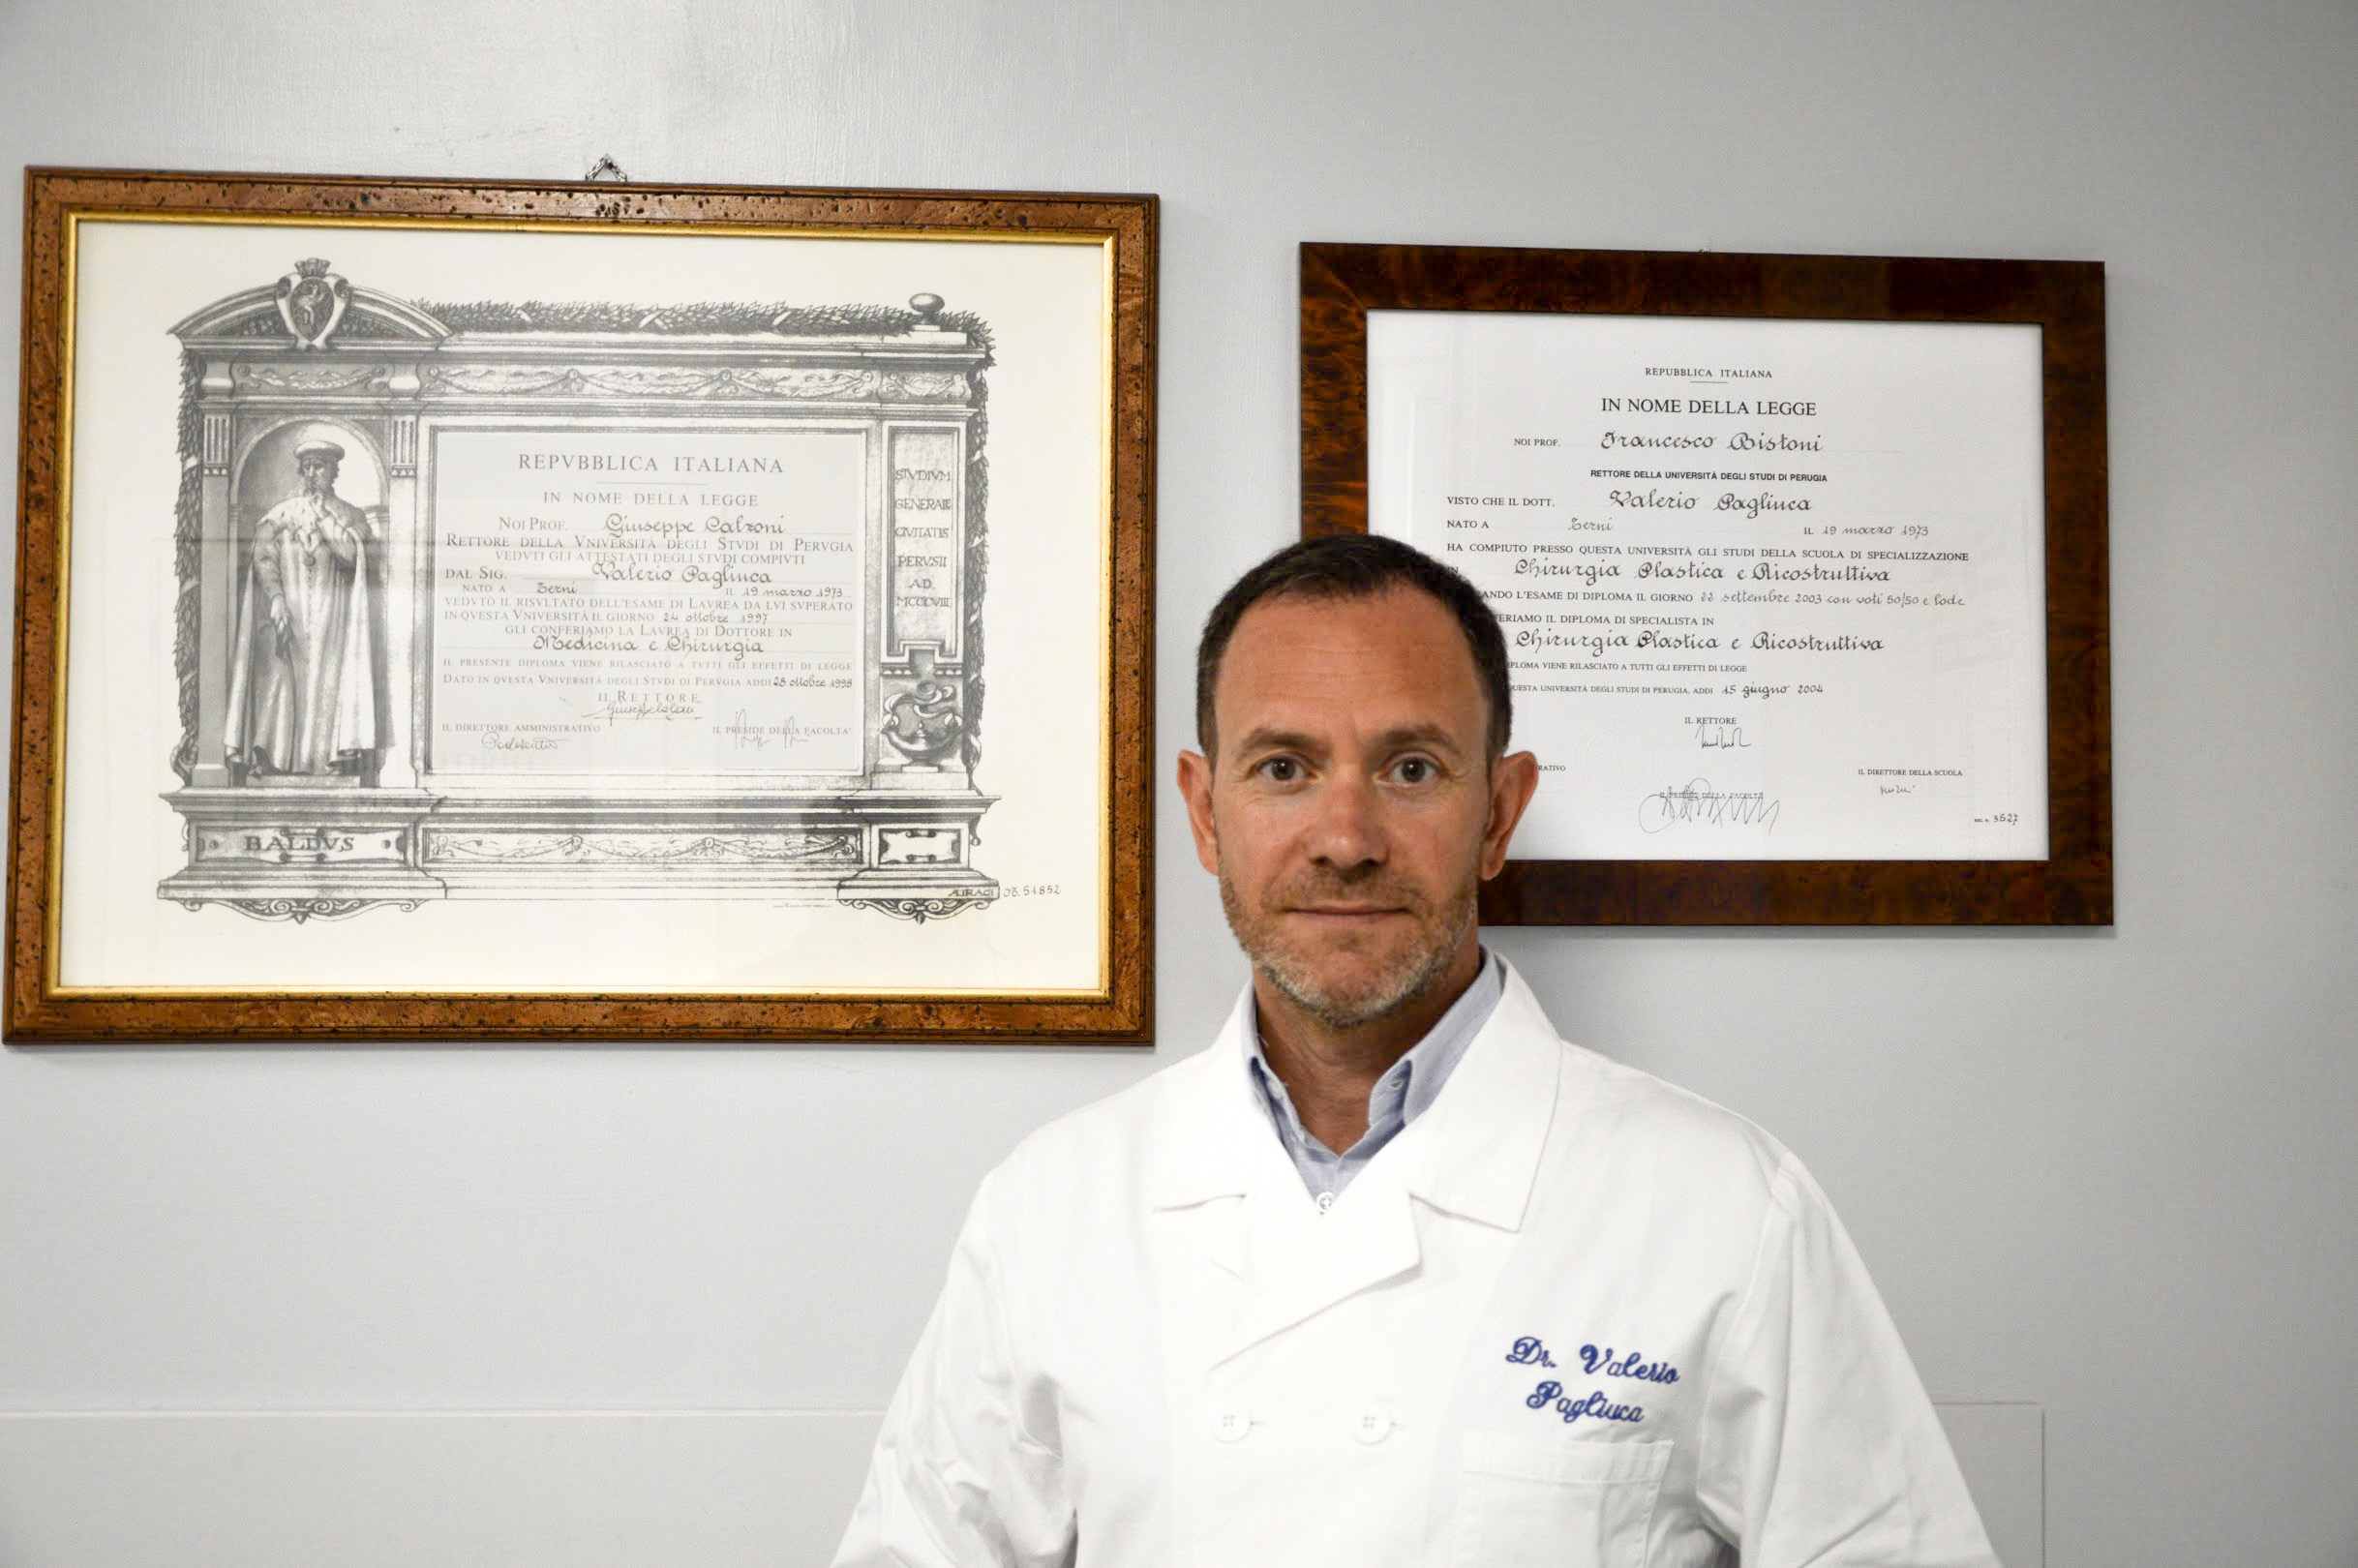 Curriculum Dr. Valerio Pagliuca Chirurgo Plastico